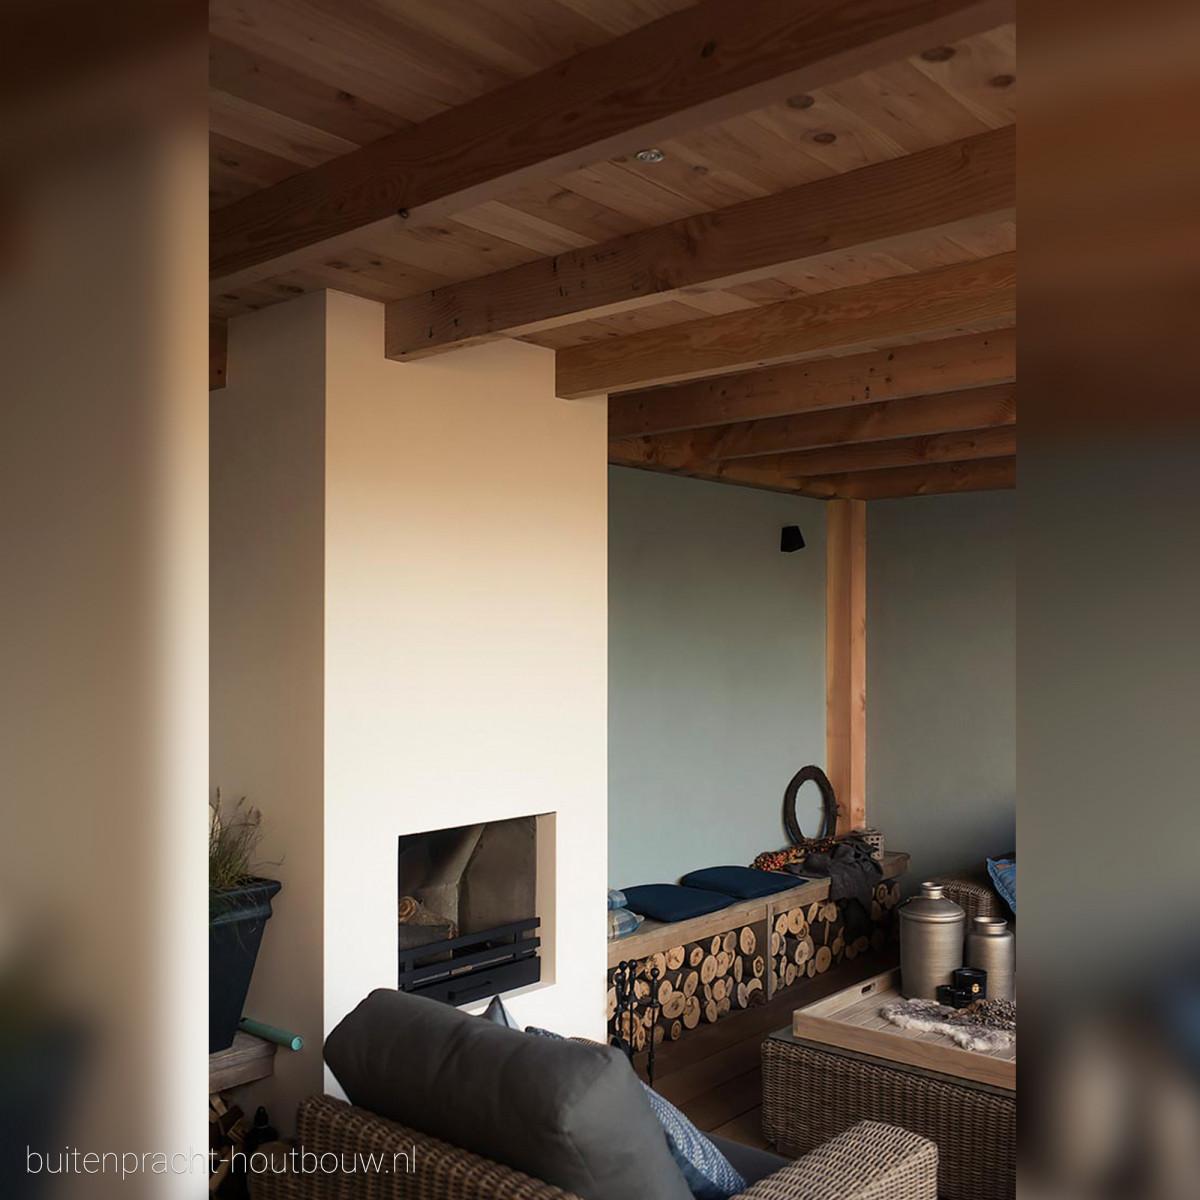 Zwarte wandlamp, moderne wandverlichting voor buiten, rond vormgegeven, geeft een mooi zacht strijklicht, ideaal voor aan de buitenmuur, gevel of padverlichting